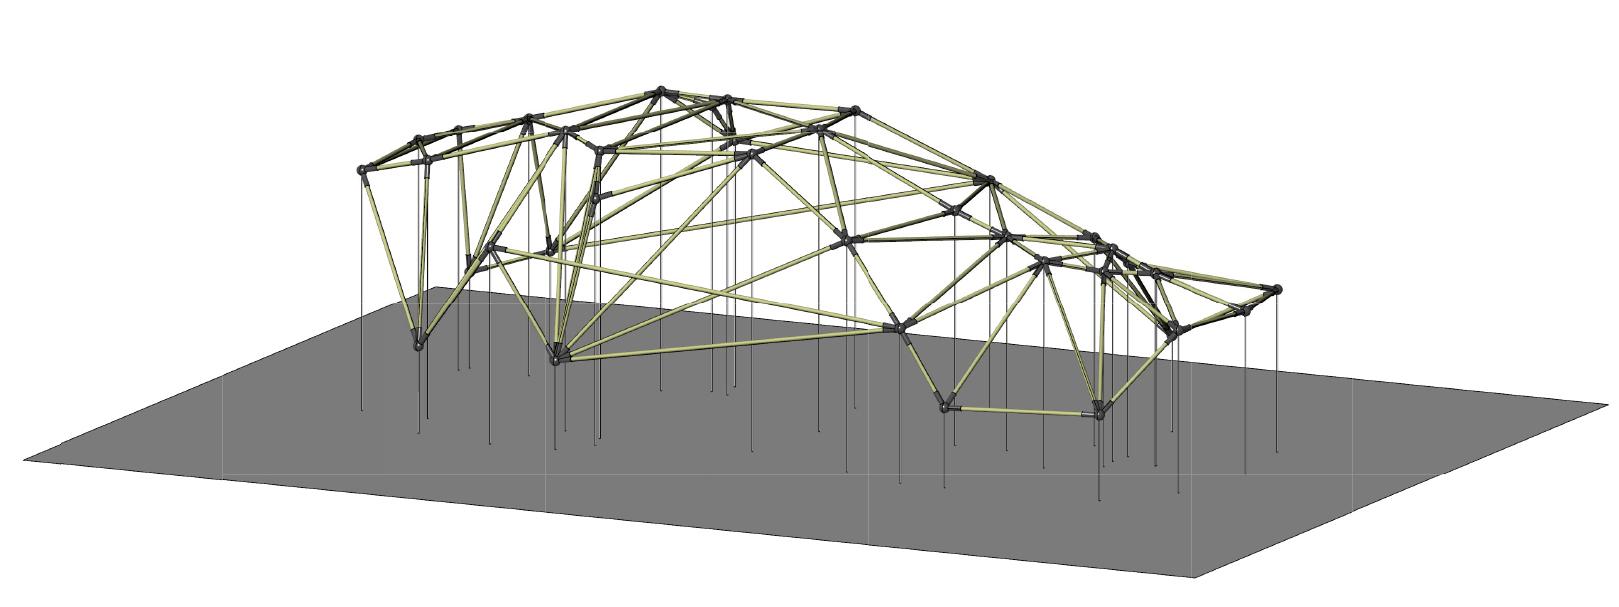 filgut.com_data sculpture 04